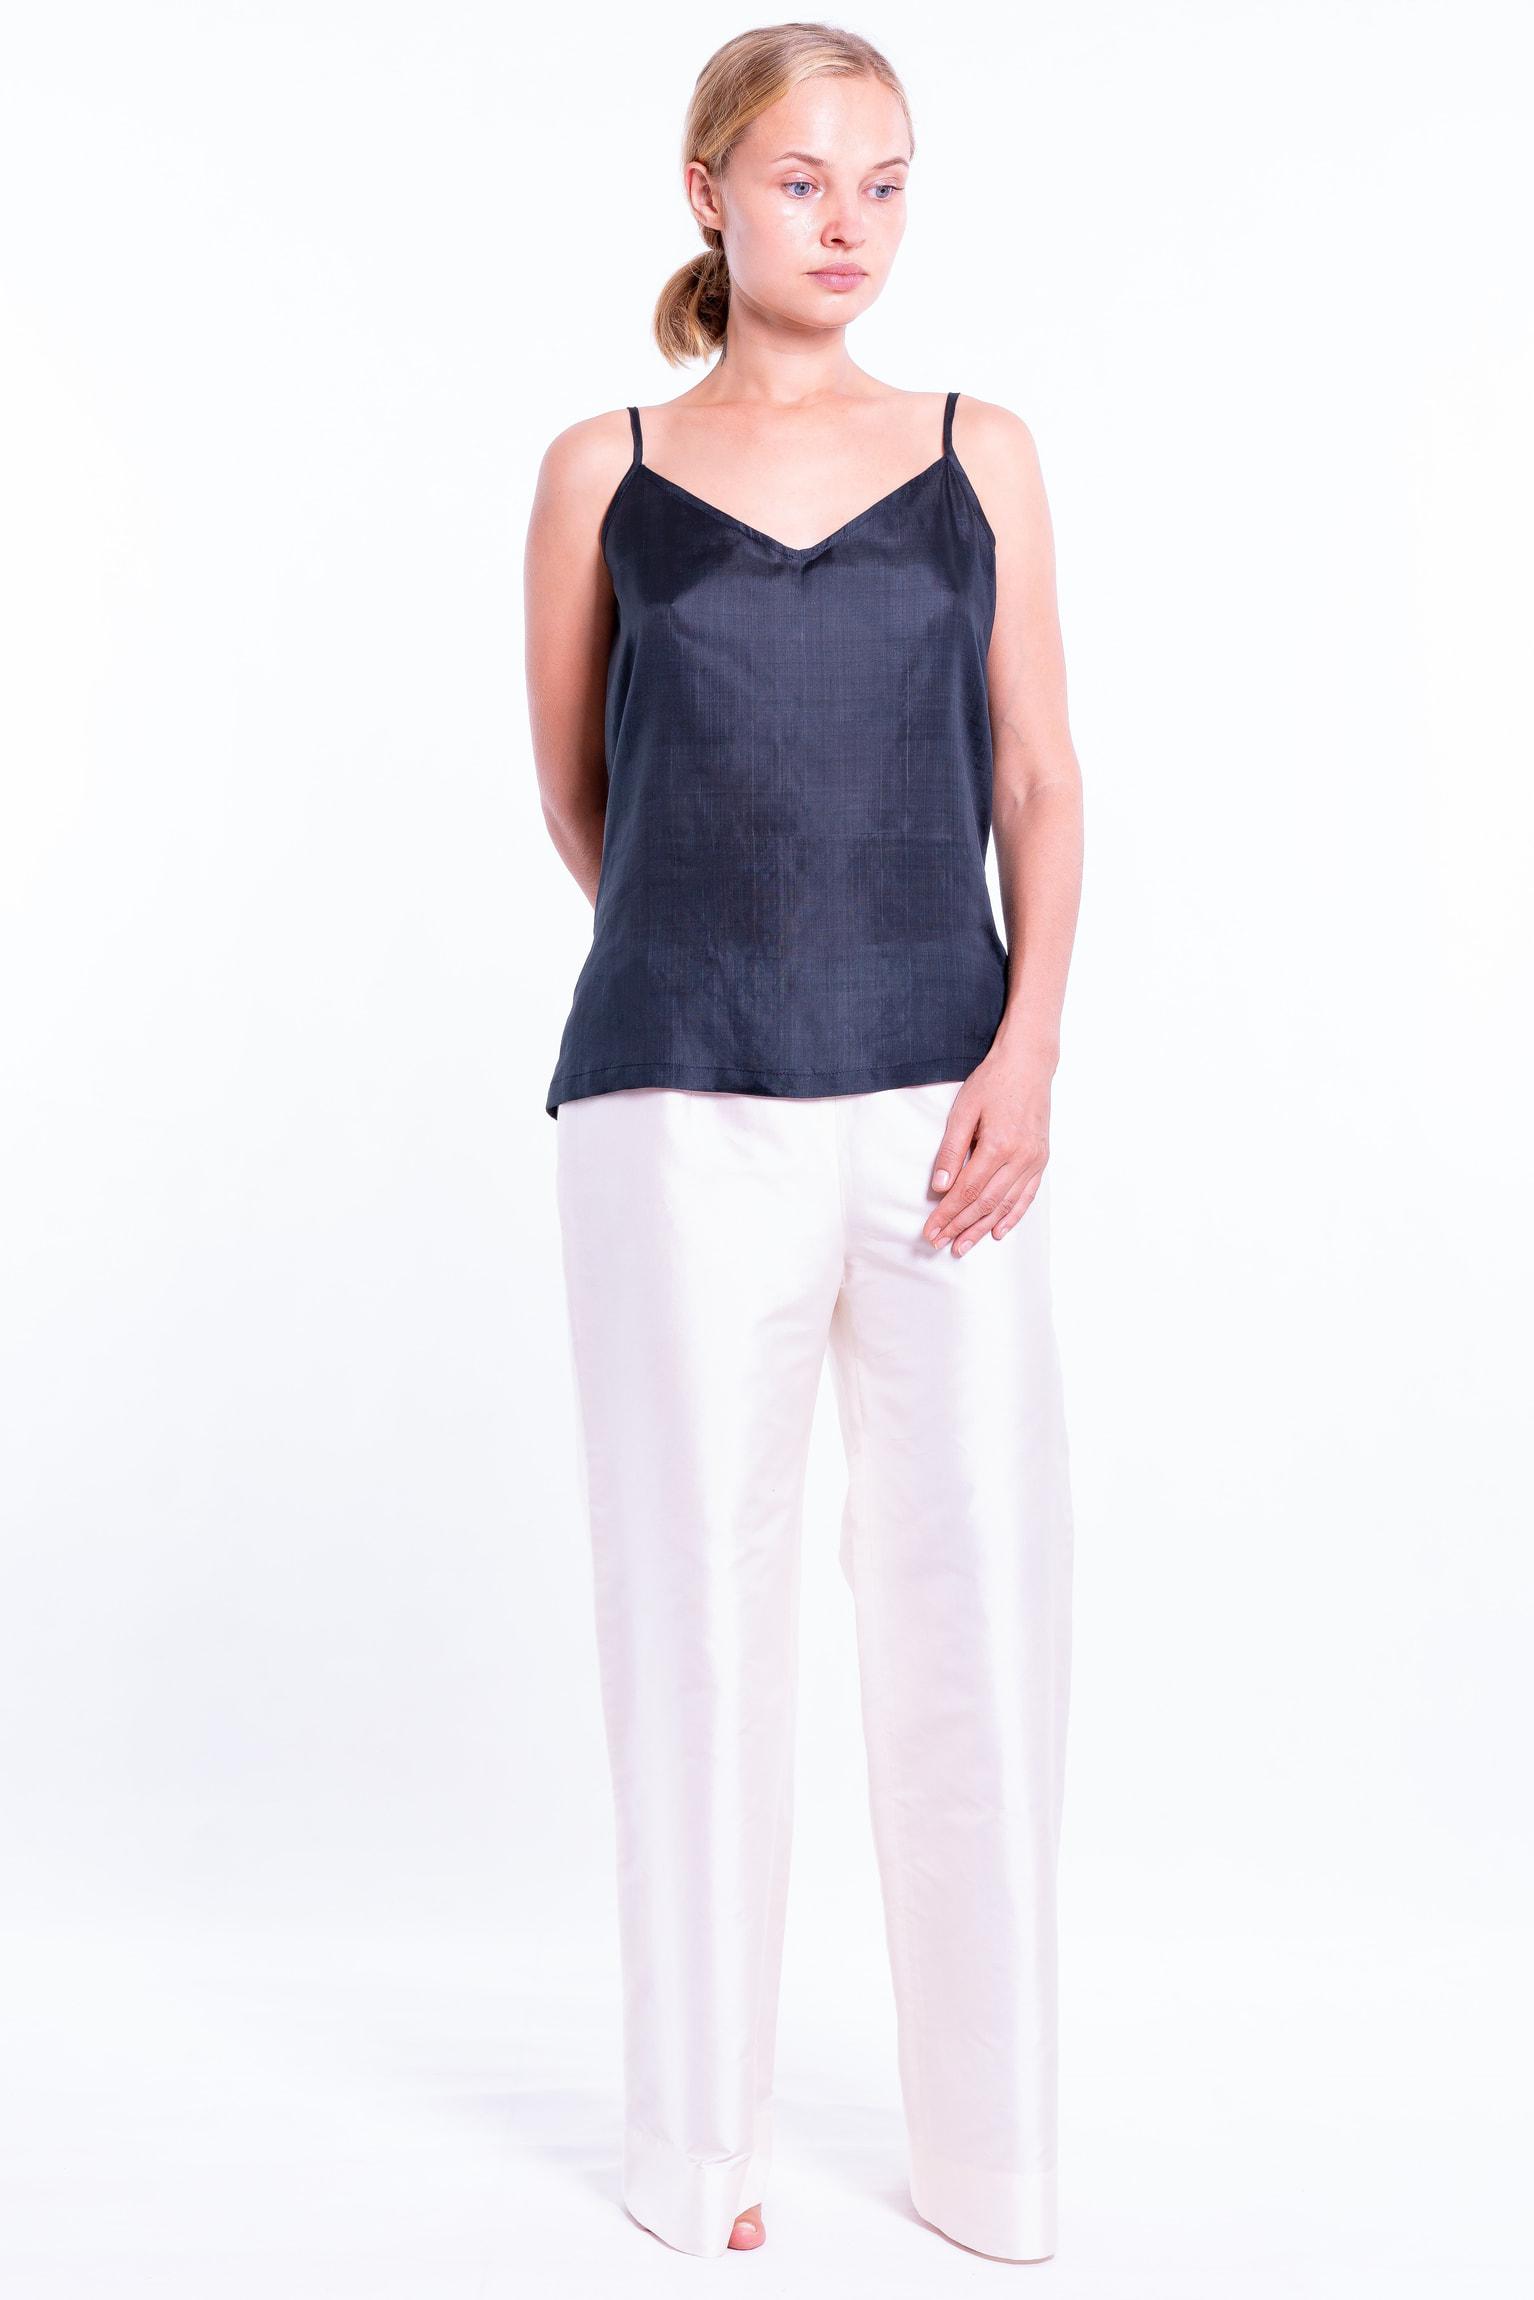 pantalon en soie naturelle blanc, zip invisible sur le côté, débardeur en soie naturelle noir